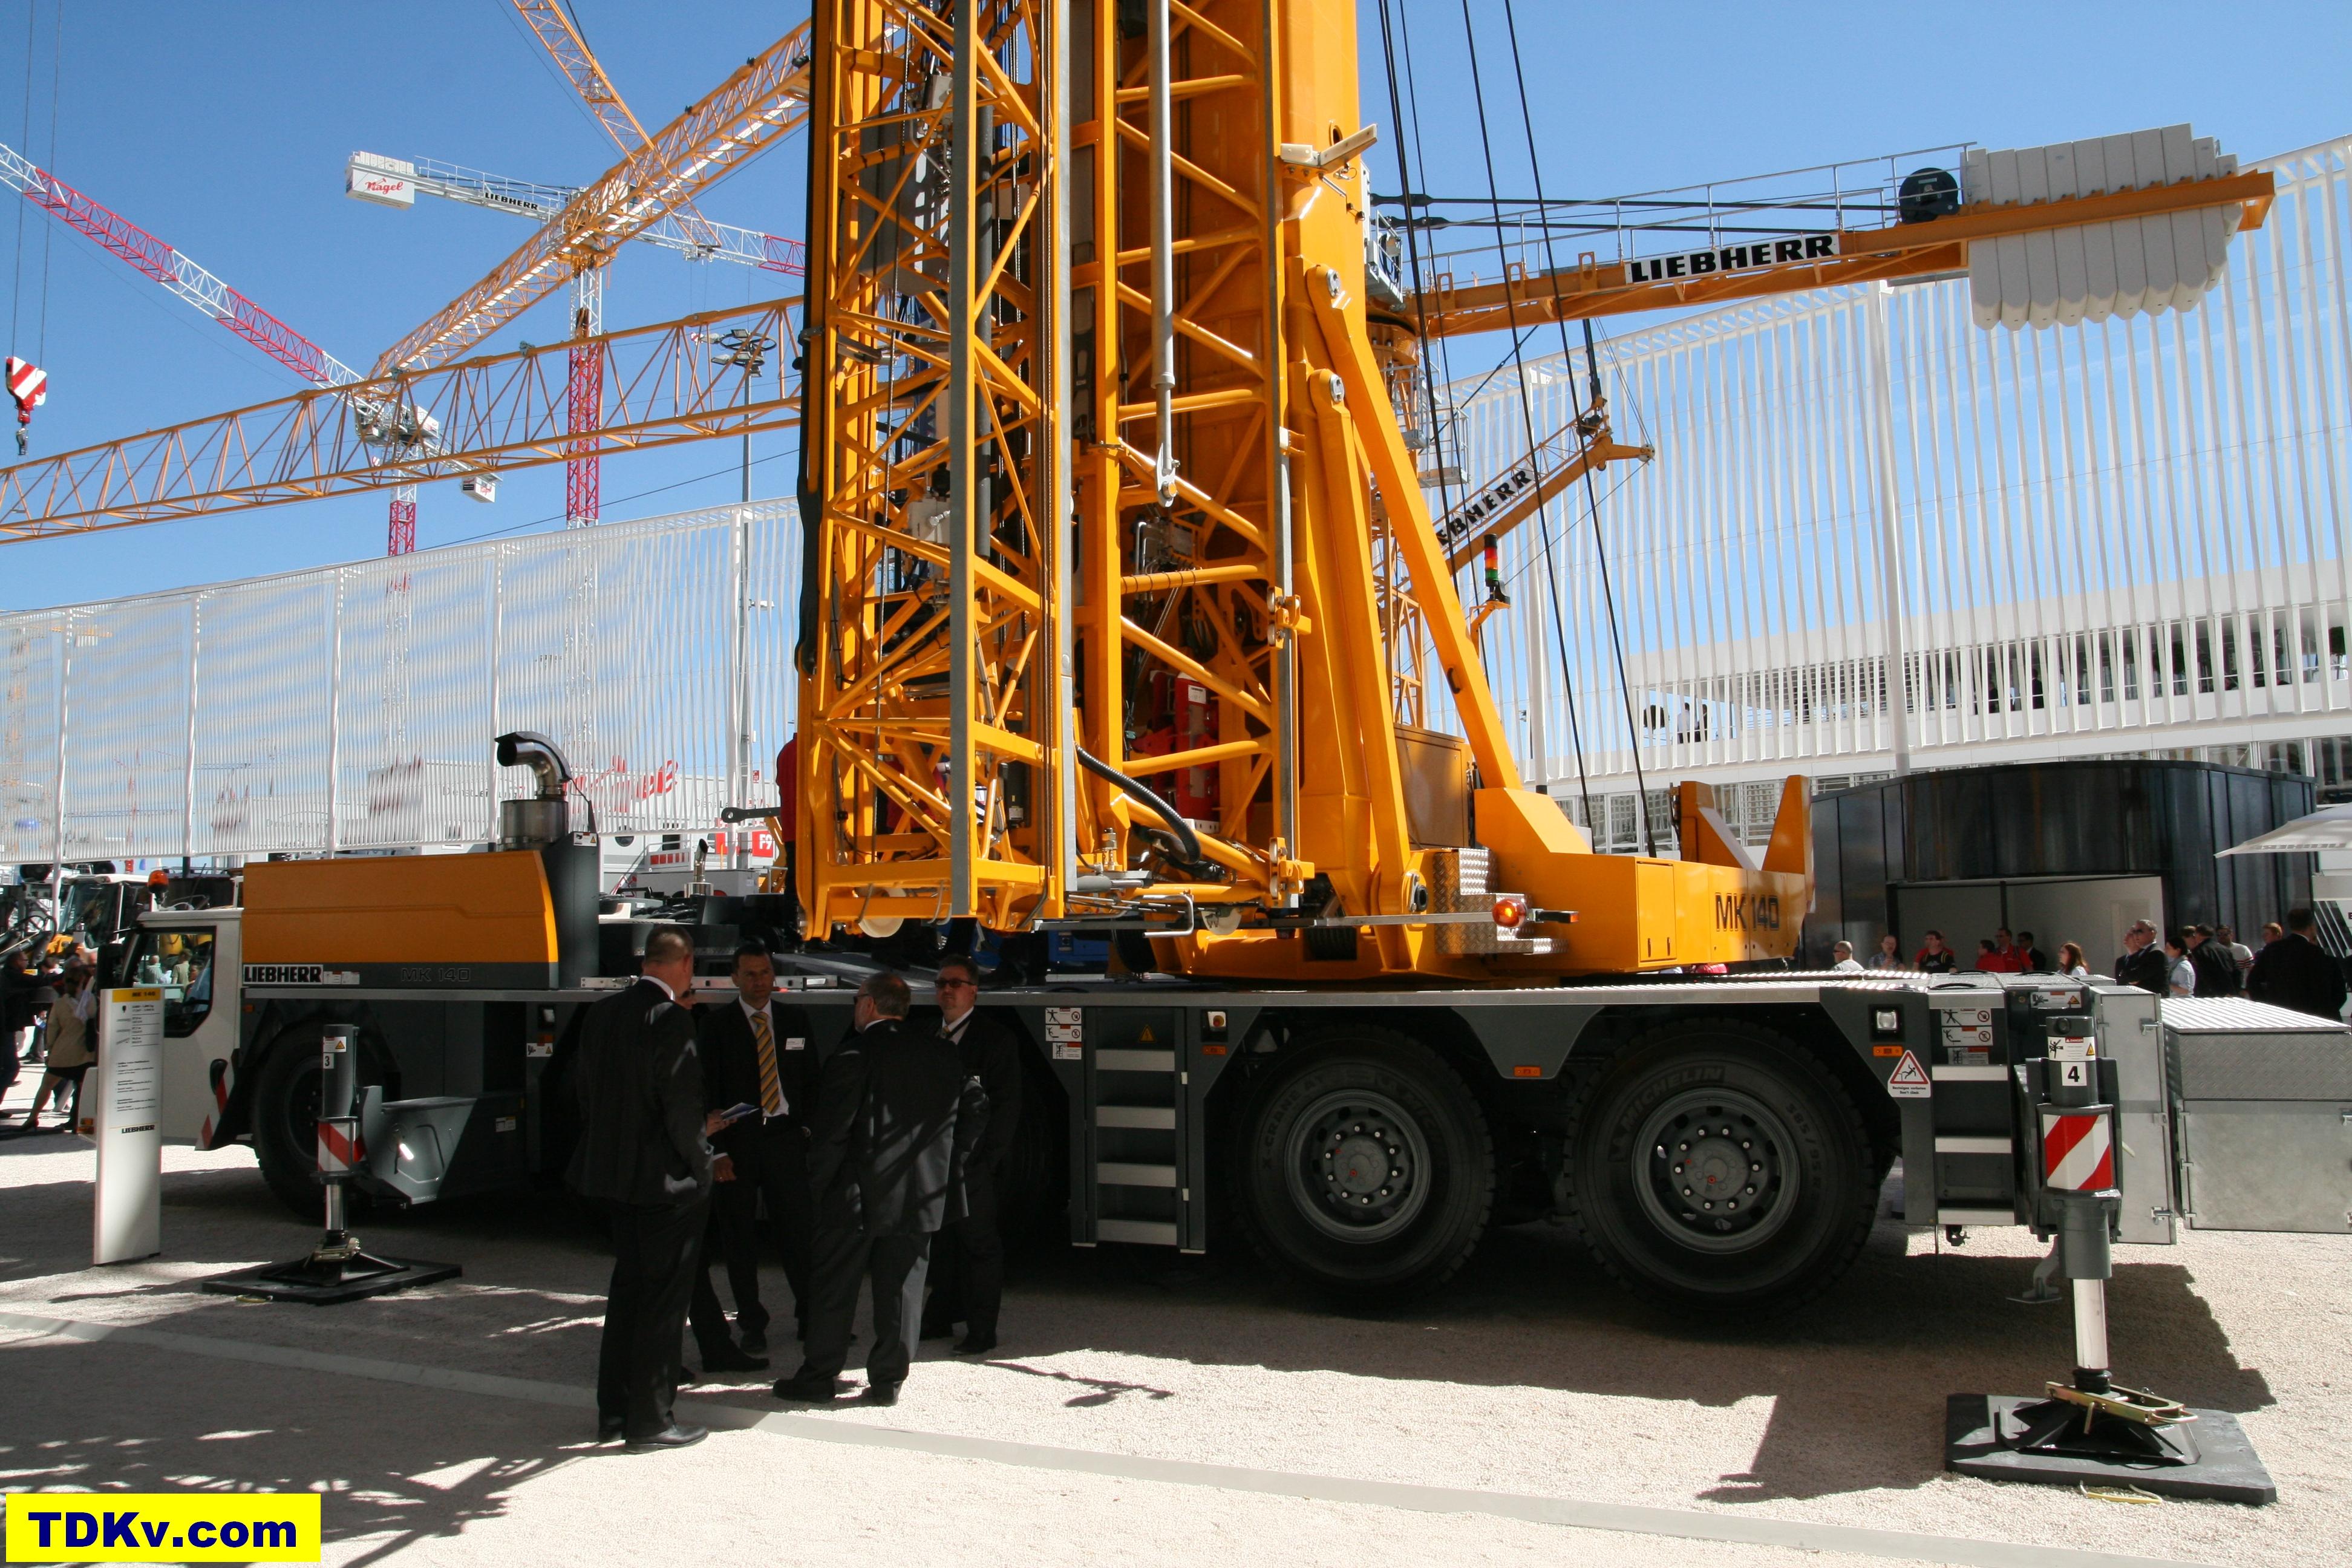 Liebherr MK 140 mobile tower crane